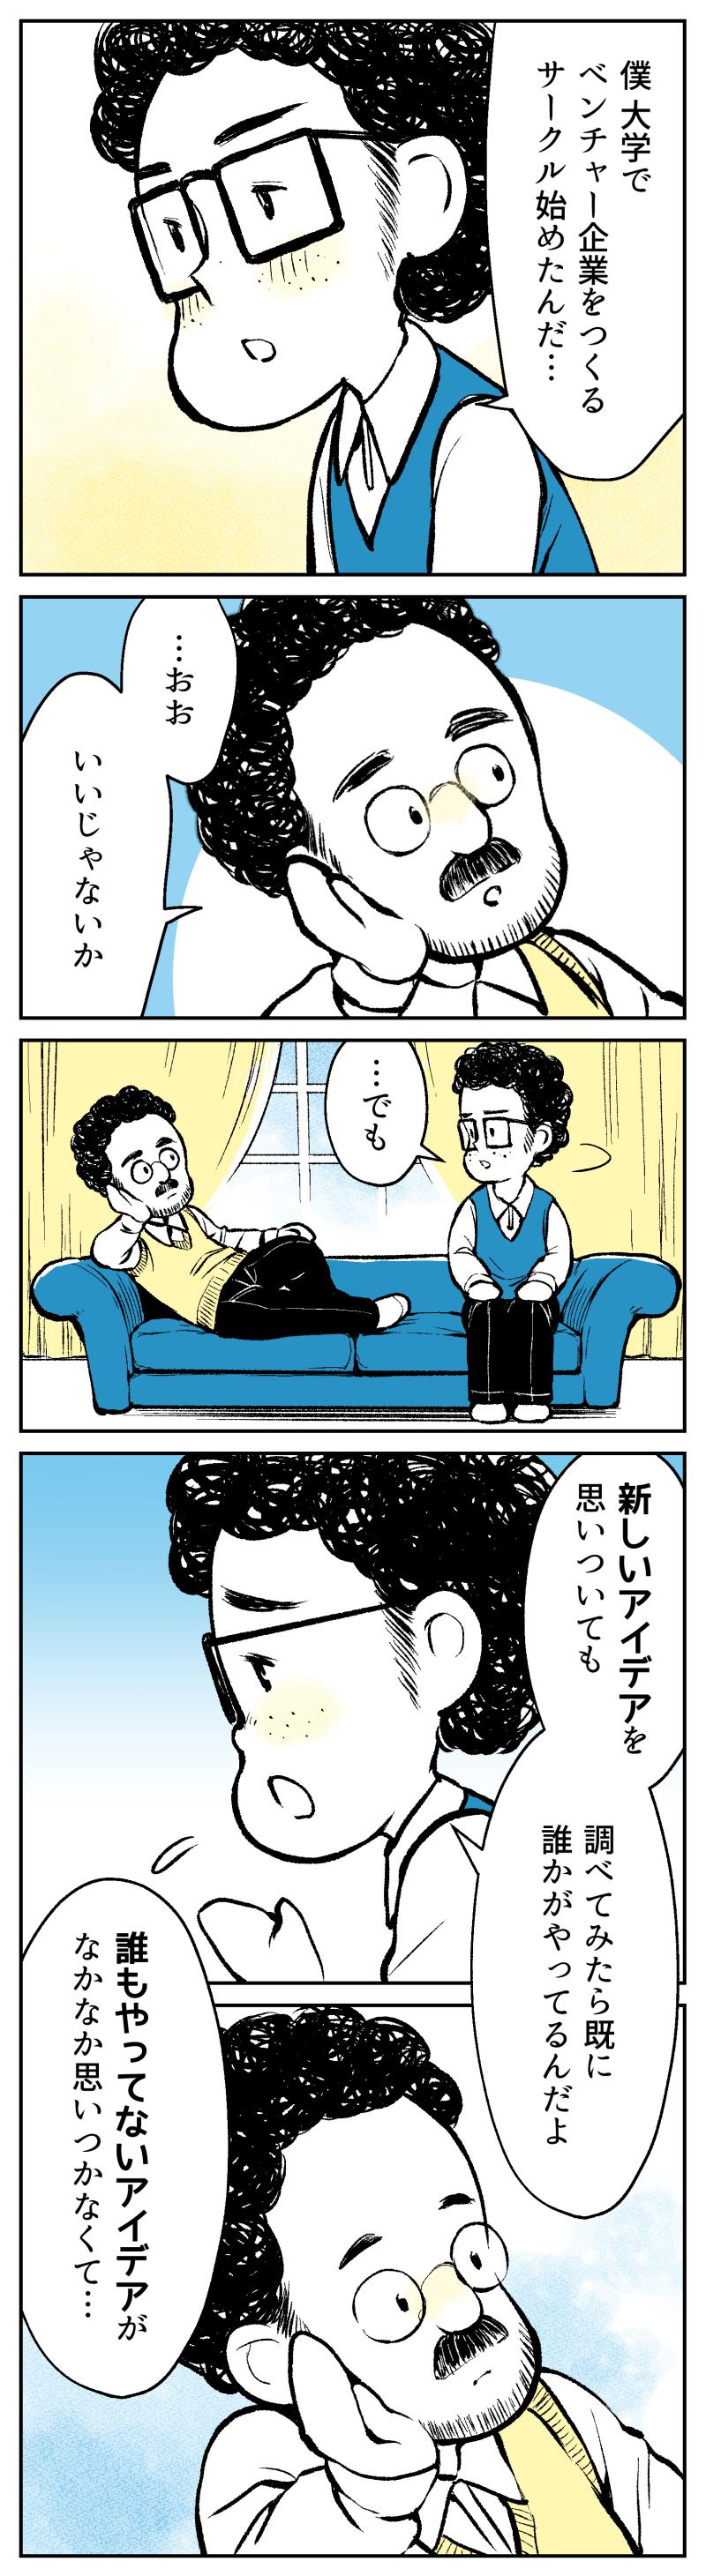 伯爵4話_004.jpg